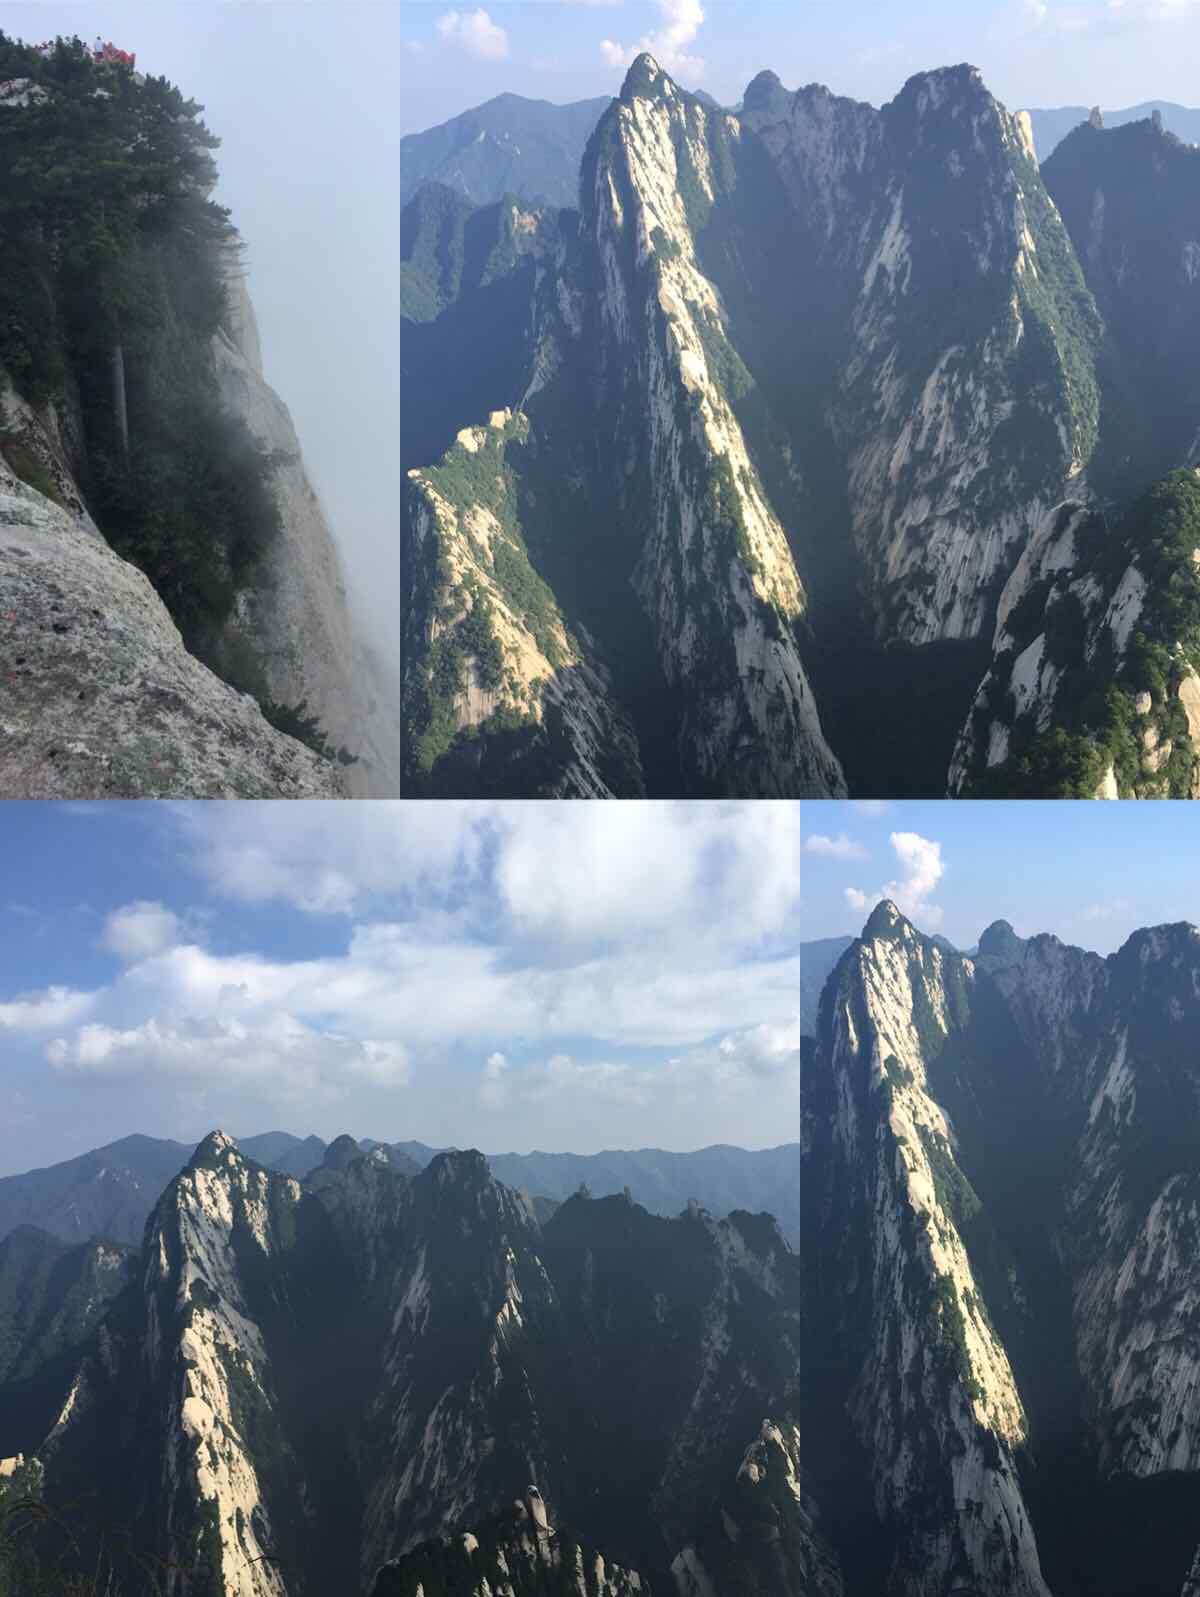 西安华山西上北下索道往返巴士1日当地游(赠送登山手套,体验华山奇险)图片